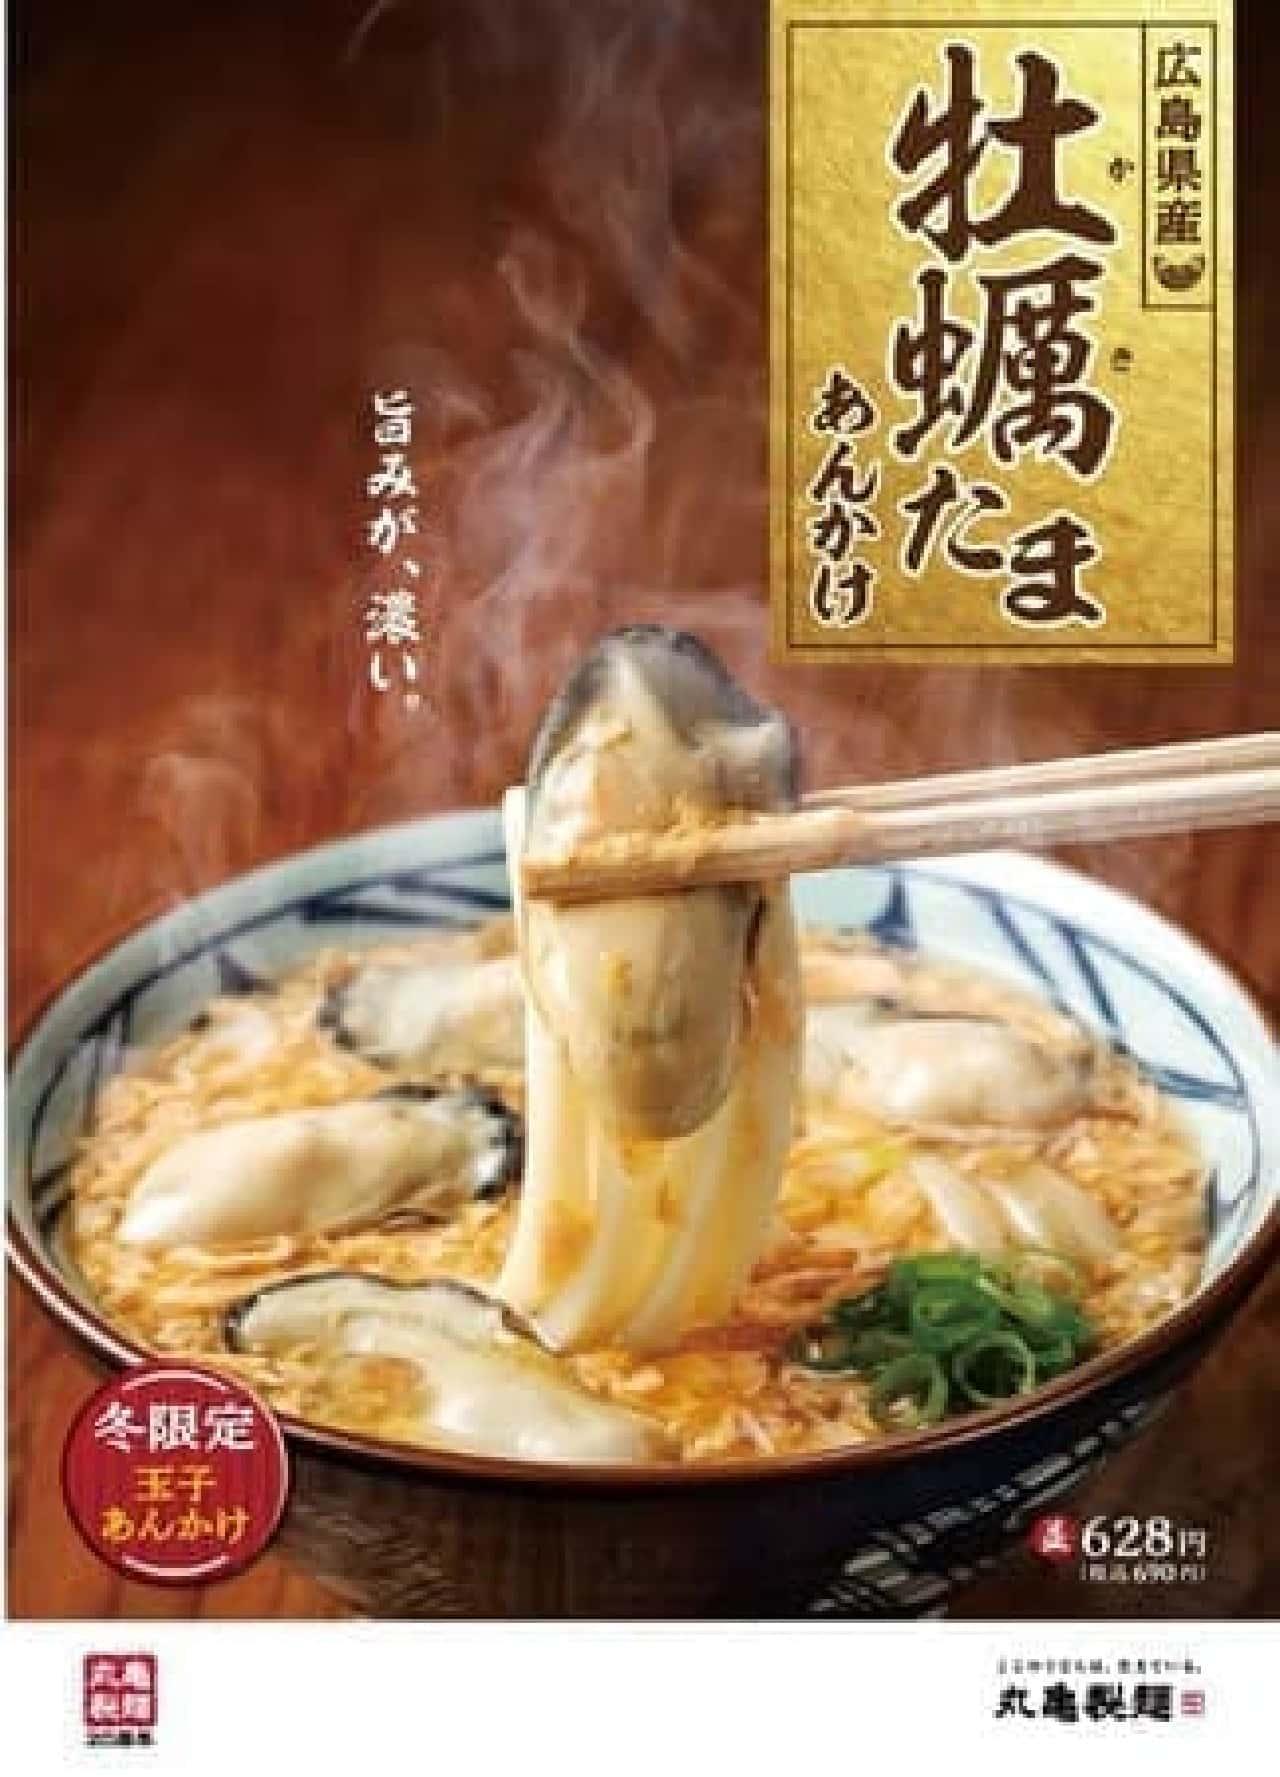 丸亀製麺に「牡蠣たまあんかけうどん」